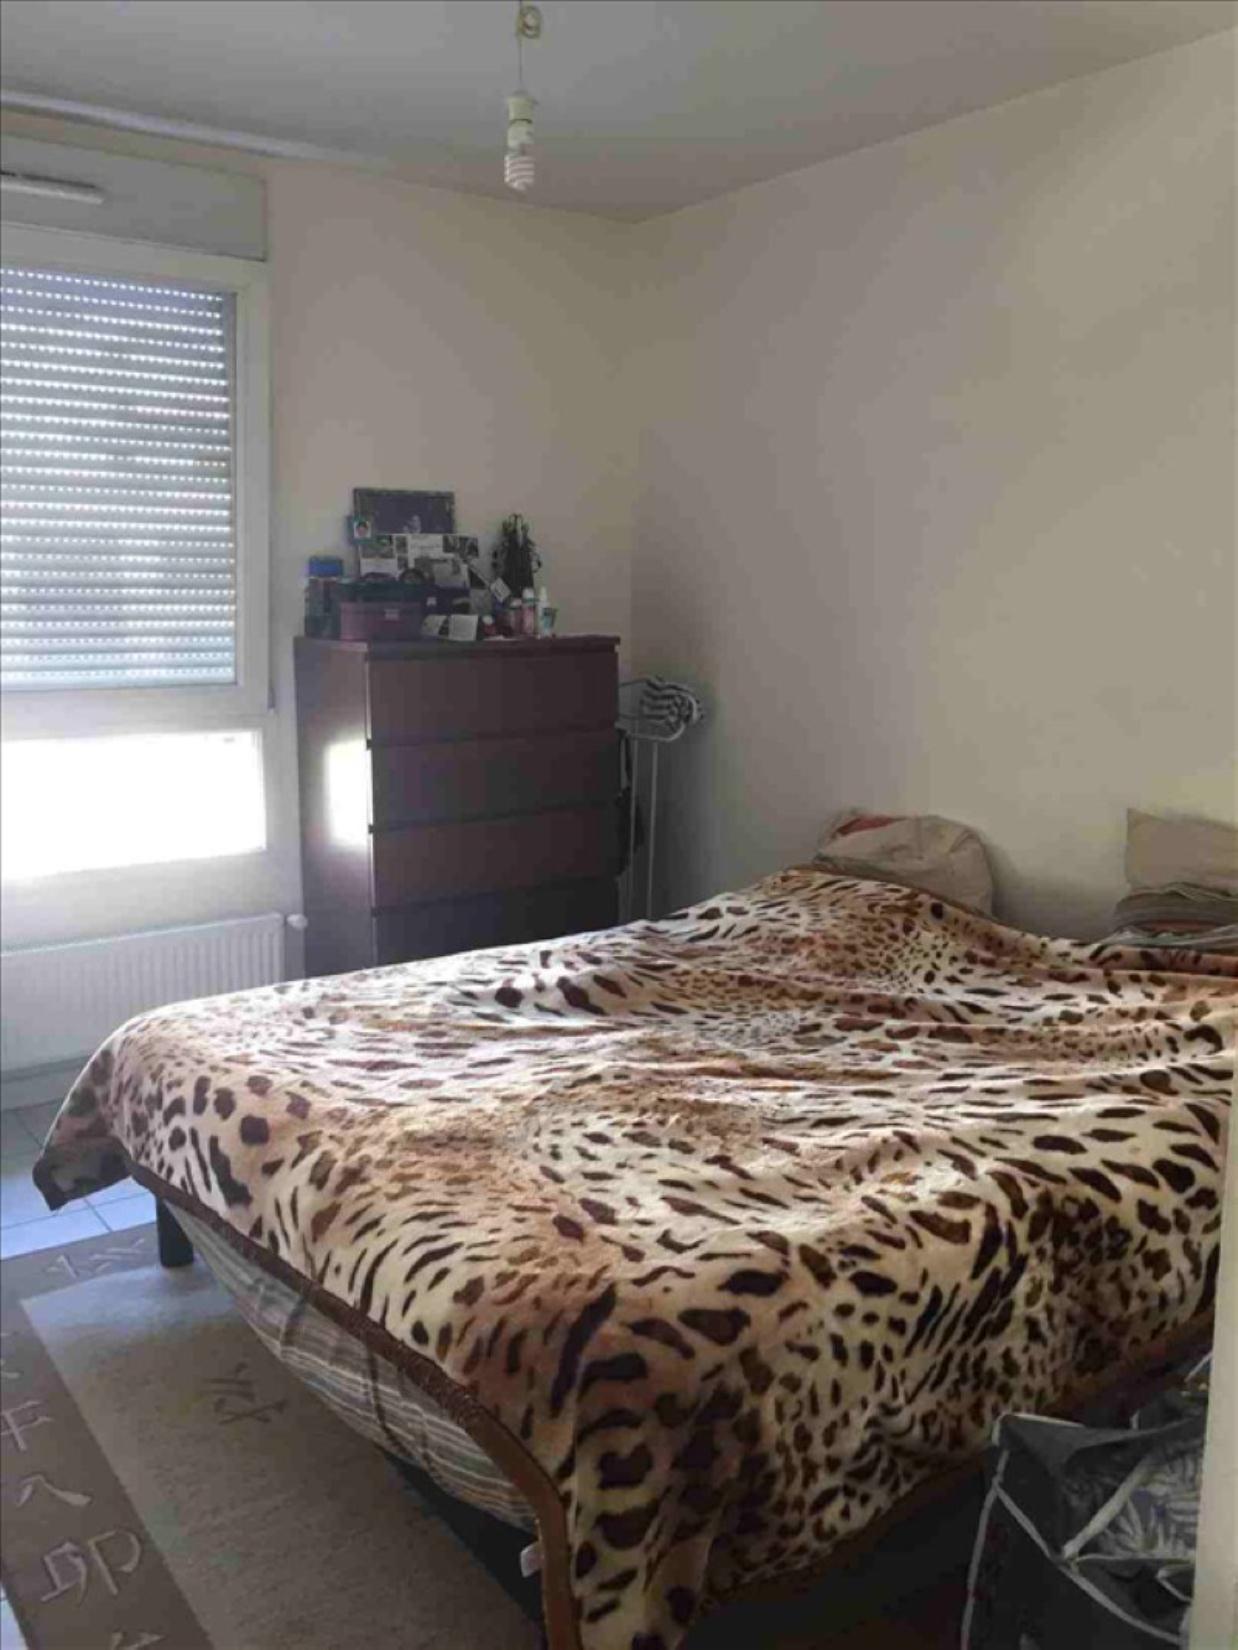 achat appartement lyon 93m 4 pi ces slci espace immobilier achat et vente appartement 93m 4. Black Bedroom Furniture Sets. Home Design Ideas